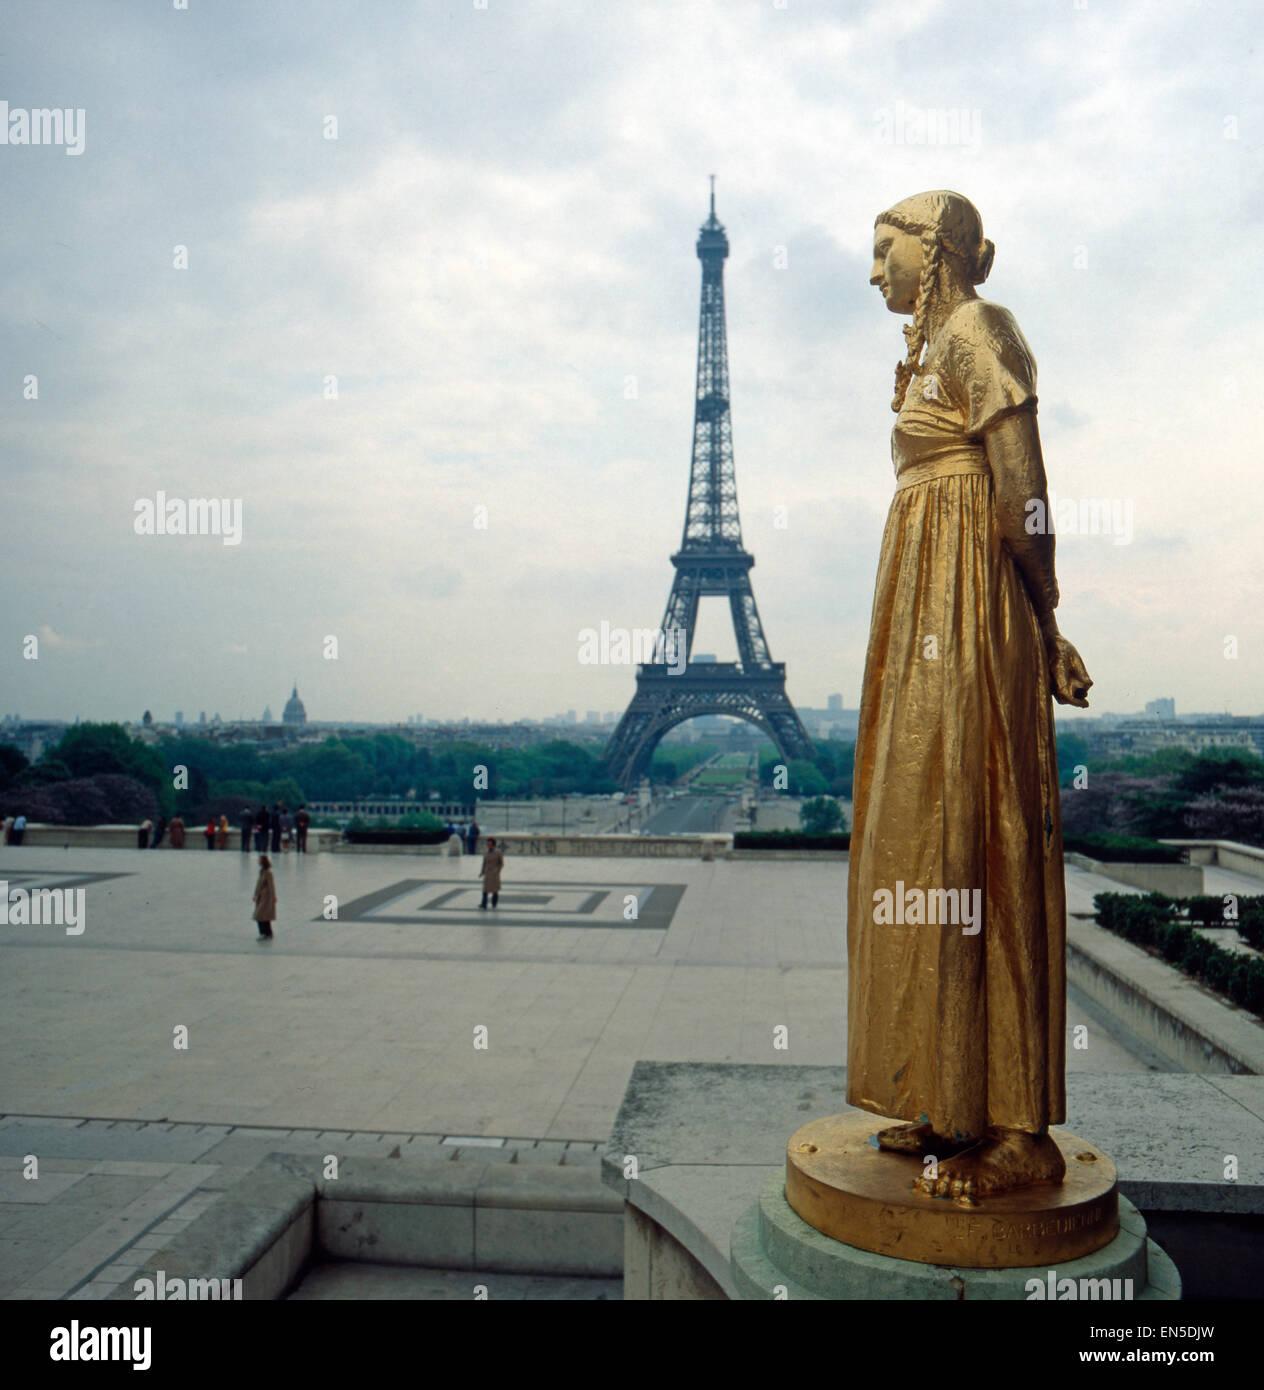 Der Eifelturm in Paris; Frankreich 1970er Jahre. The Eifel Tower in Paris; France 1970s. Stock Photo